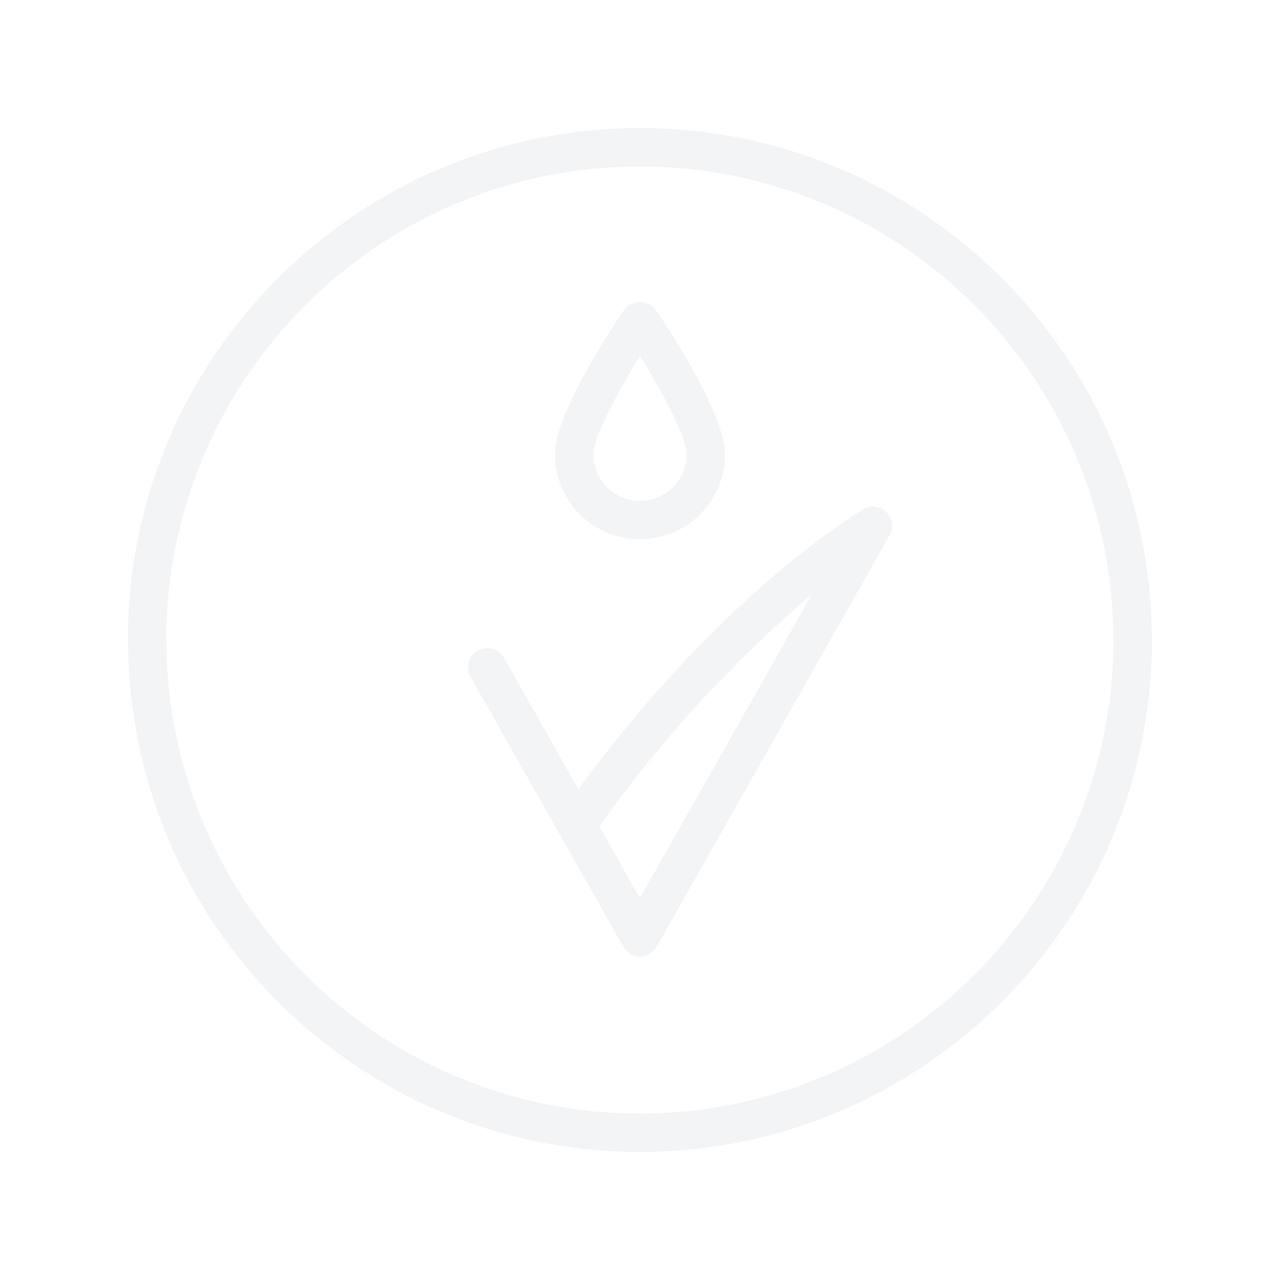 CLARINS Eau Dynamisante Deodorant Mist 100ml